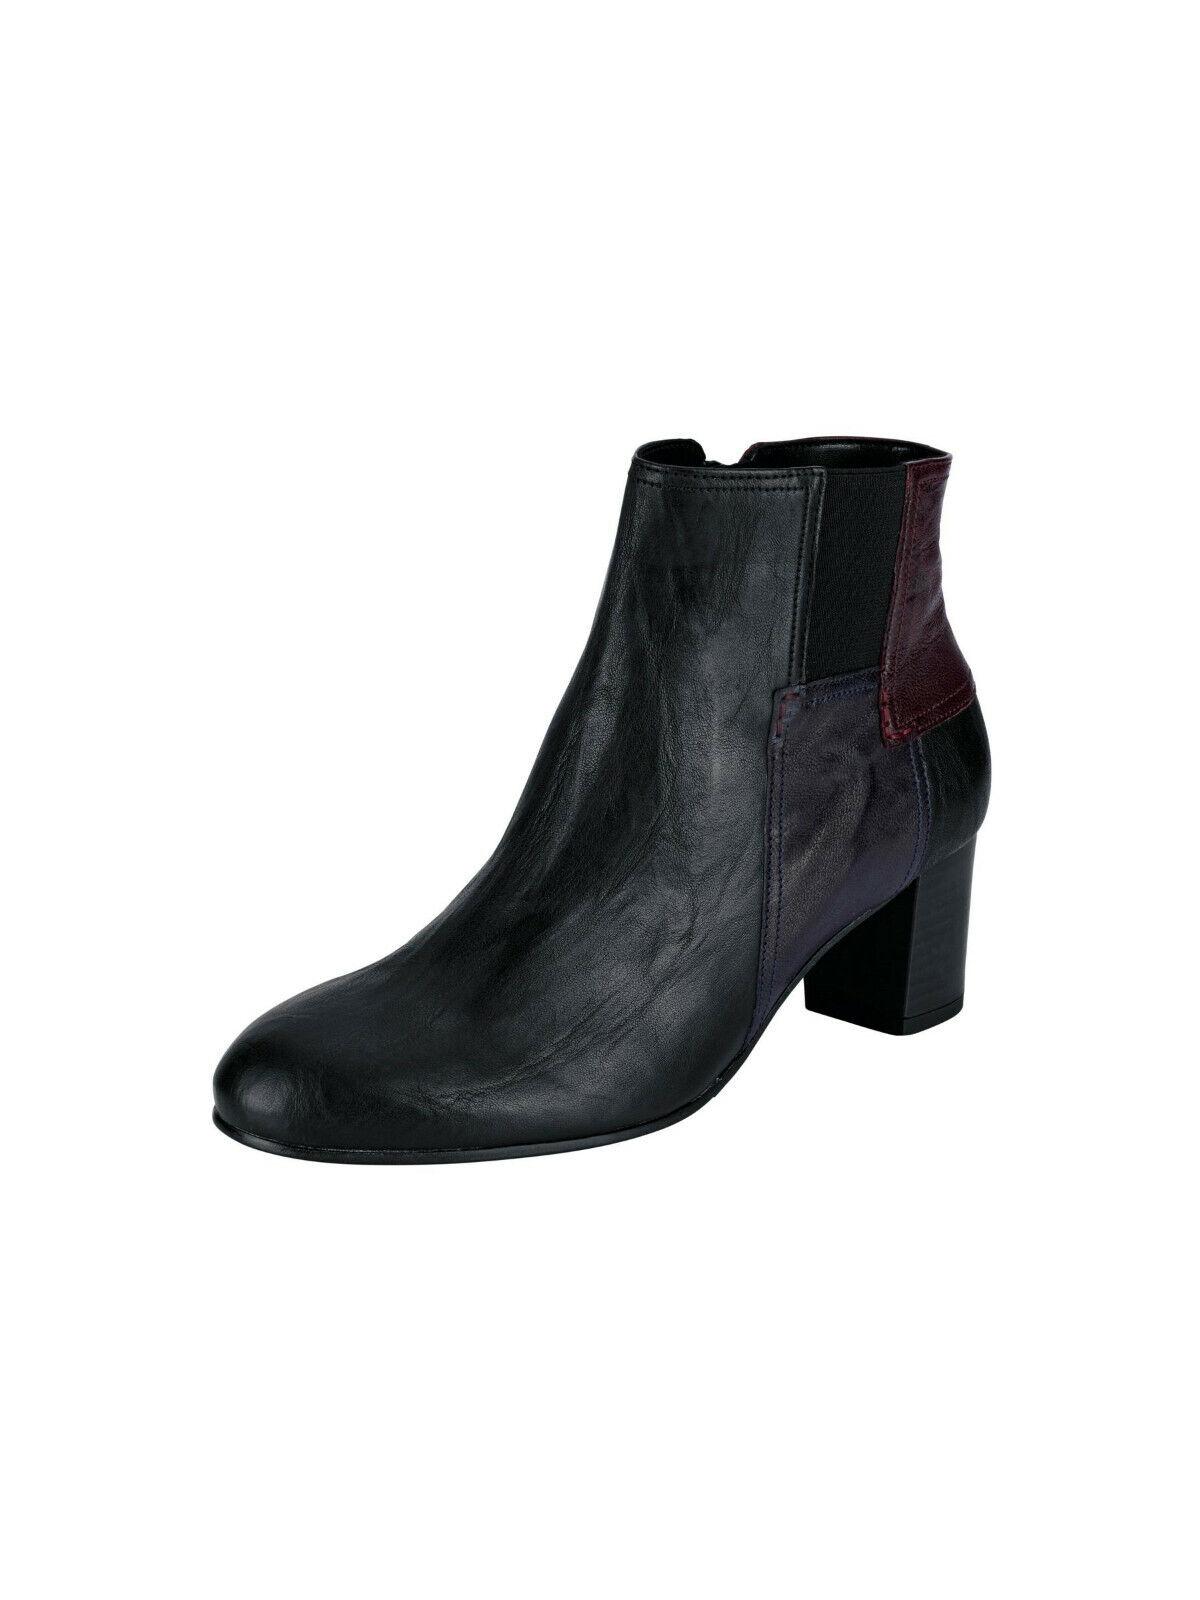 Gabor Comfort Leder-Stiefelette, black. Gr. 4. NEU    KP  SALE%%%